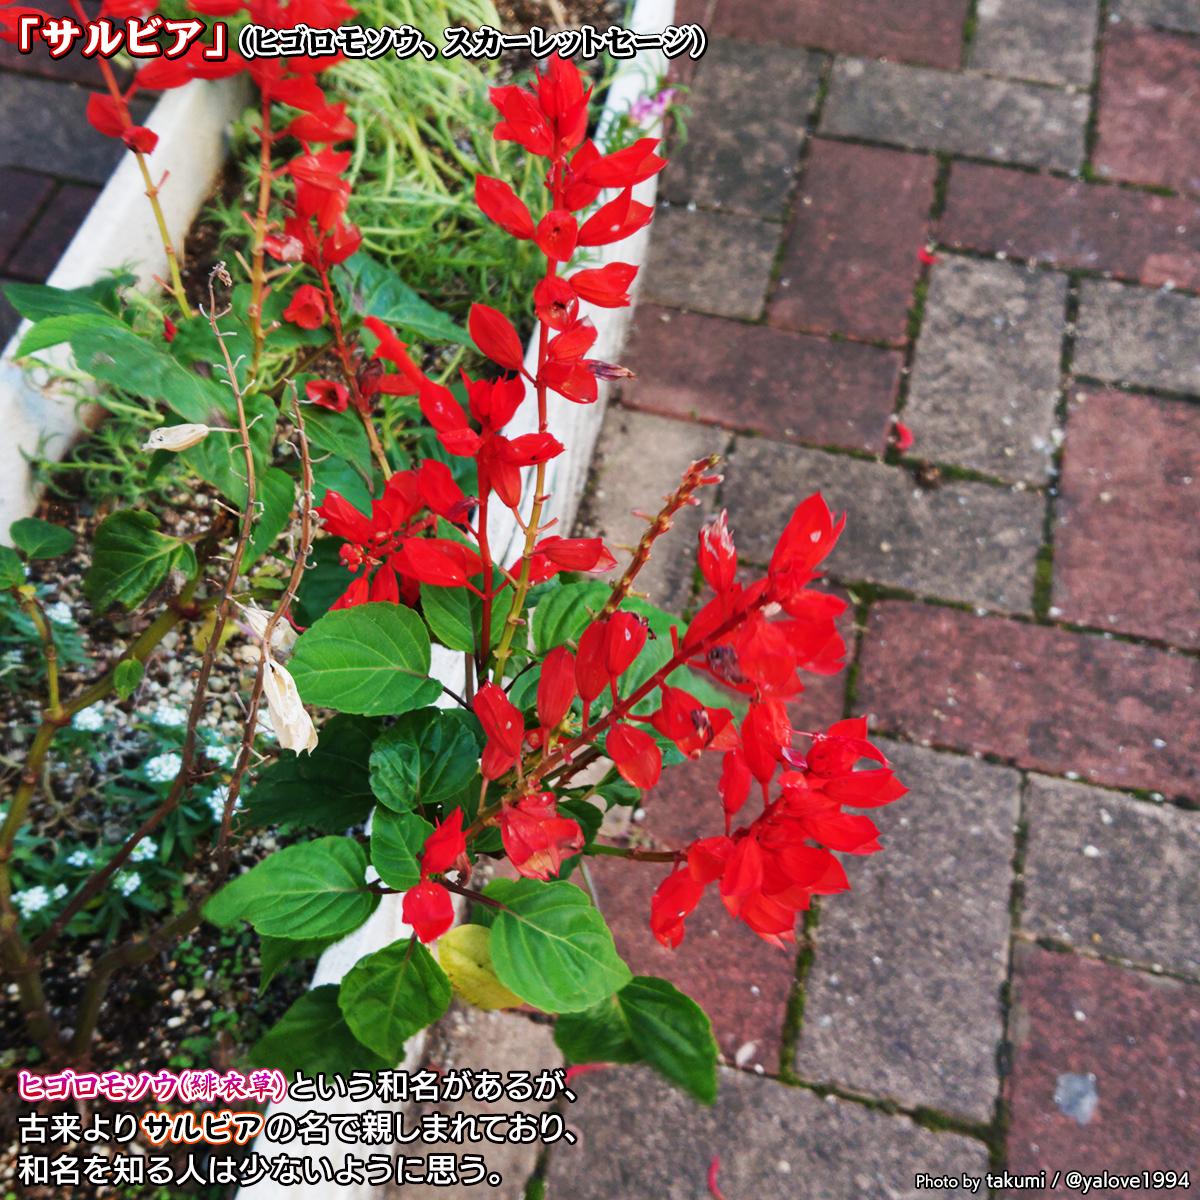 DSC_0006_BURST20201104b.jpg